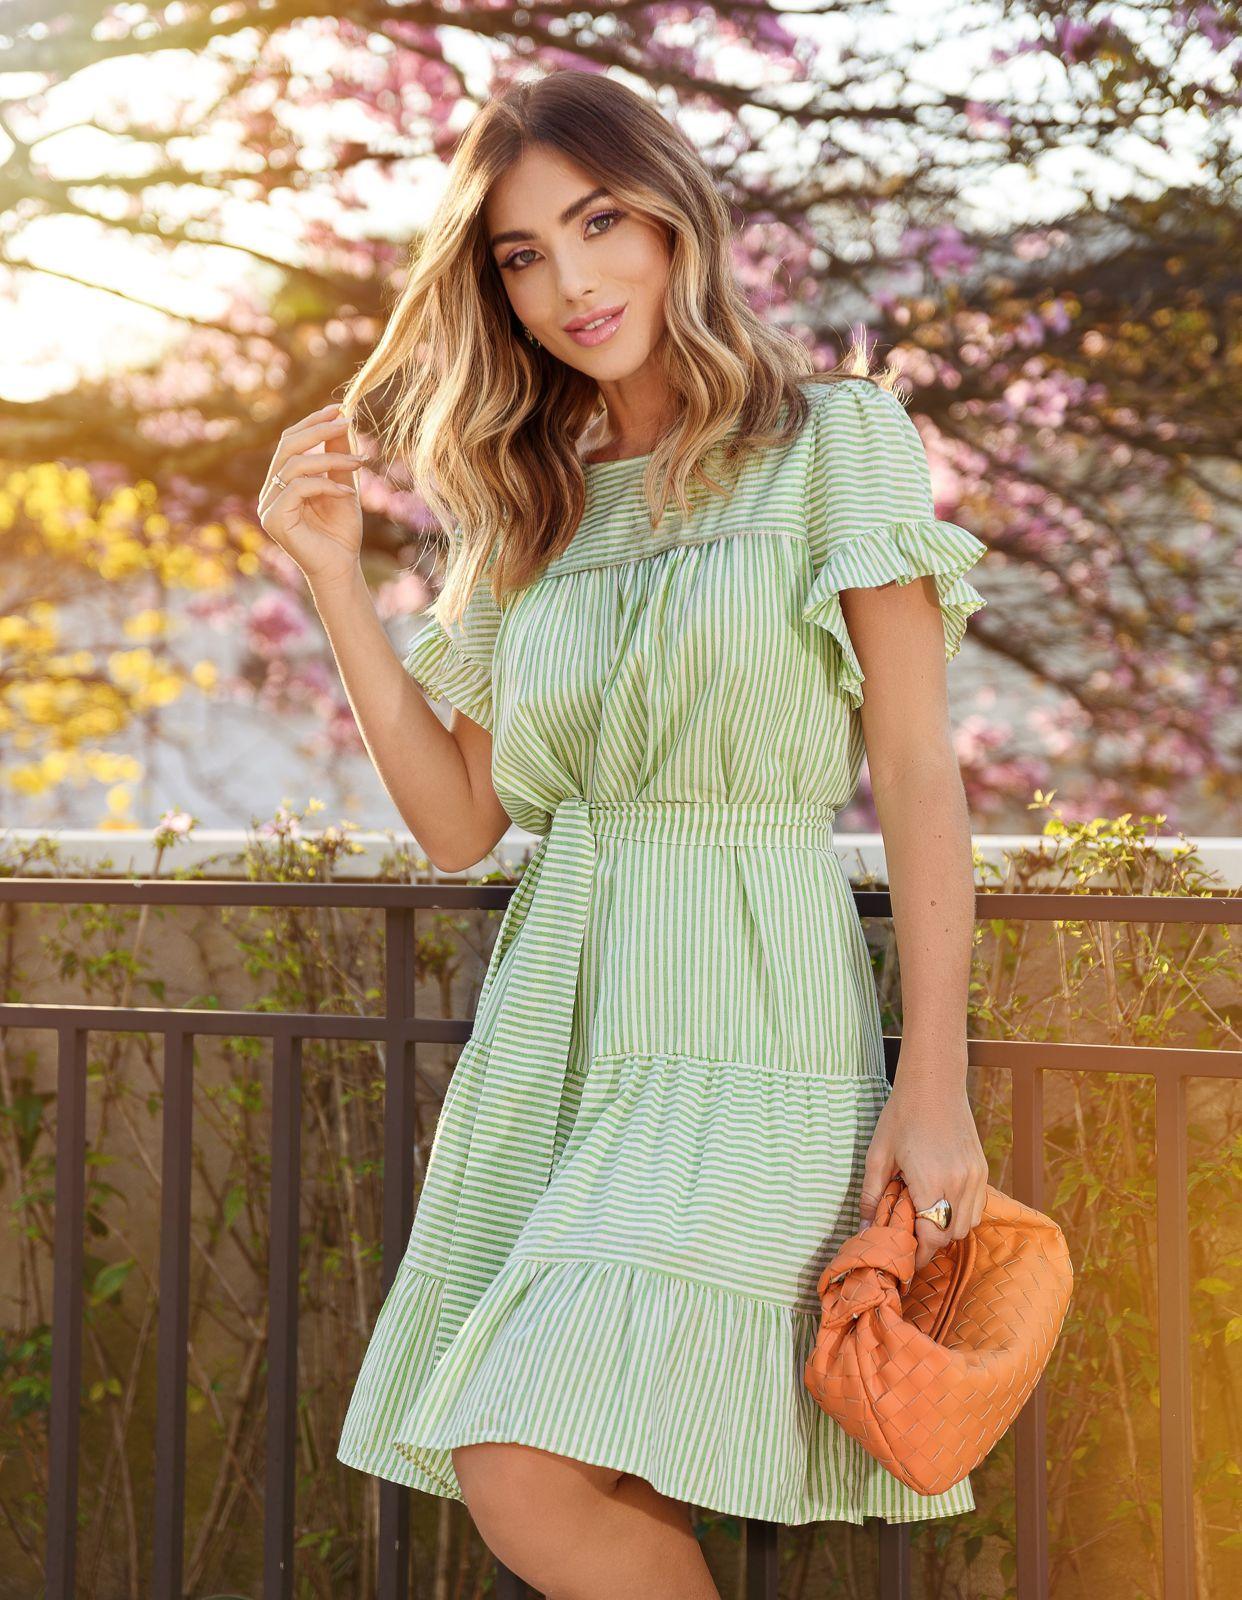 Vestido Livia Crepe ( Forro) Detalhe Babadinhos Listras + Faixa 50% Elastano